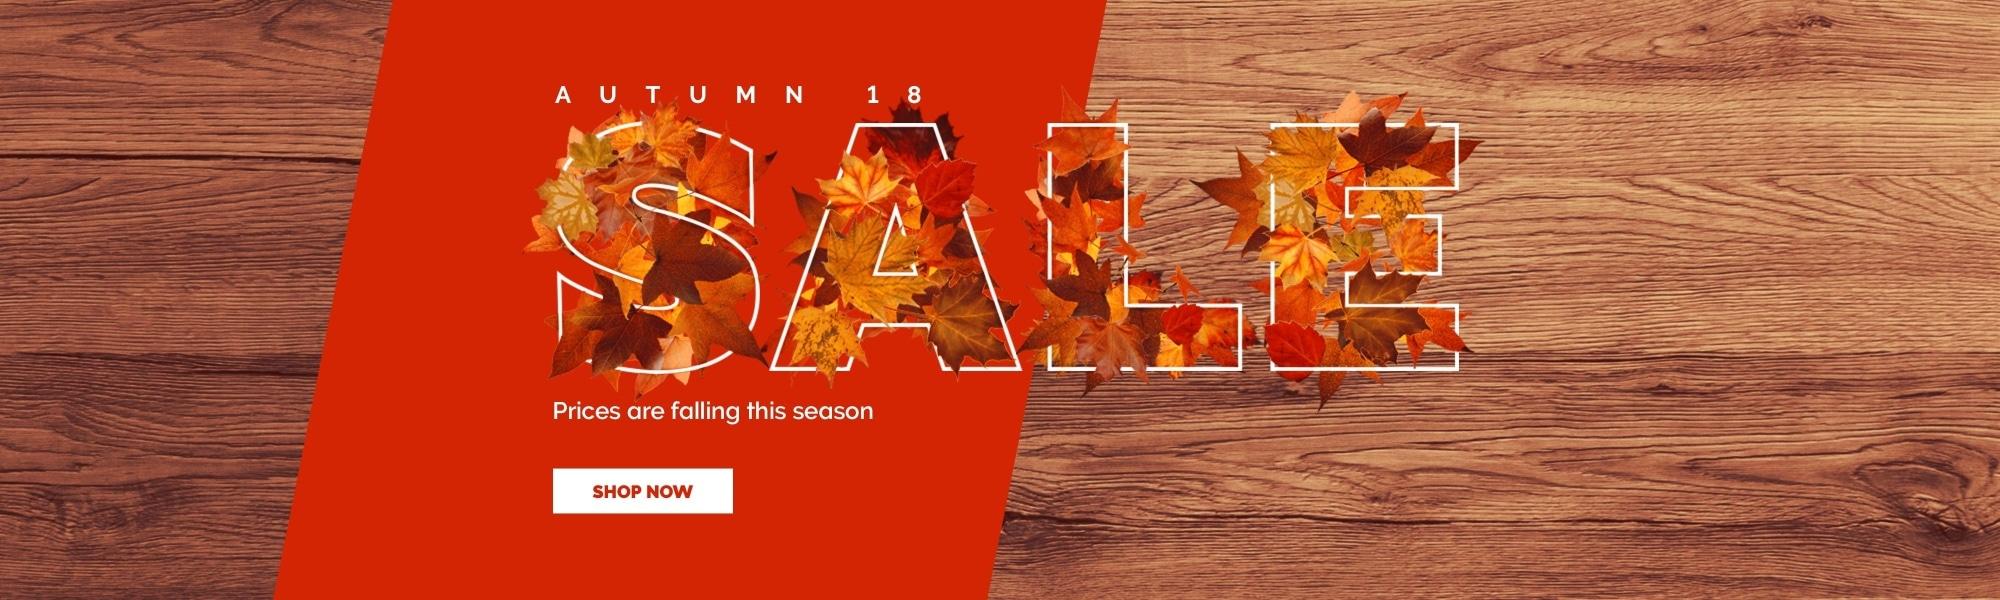 Autumn 18 Sale